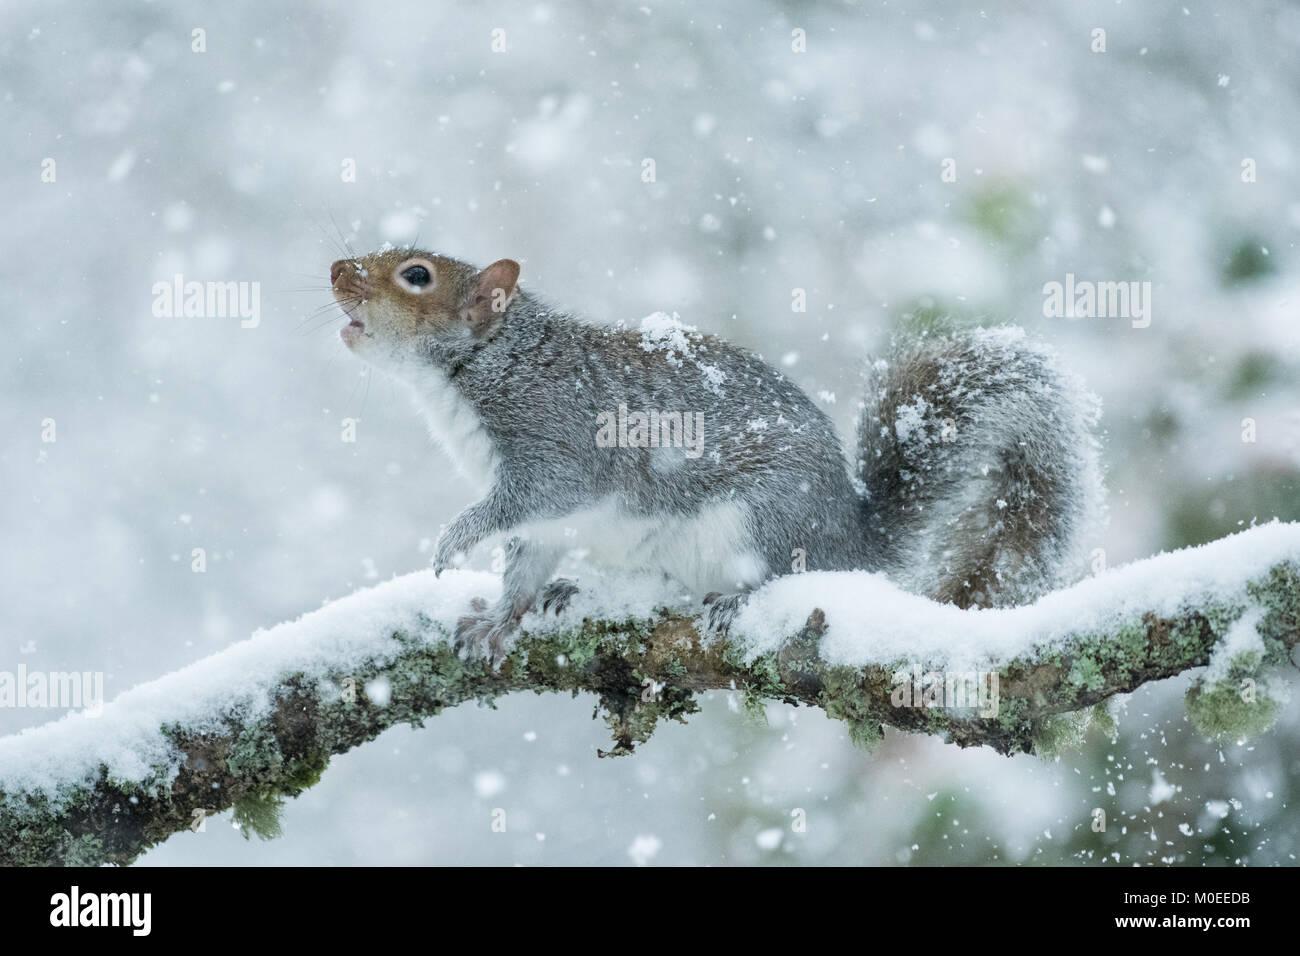 Killearn, Stirlingshire, Scotland, UK - 21 janvier 2018: Royaume-Uni - un écureuil gris à la recherche Photo Stock